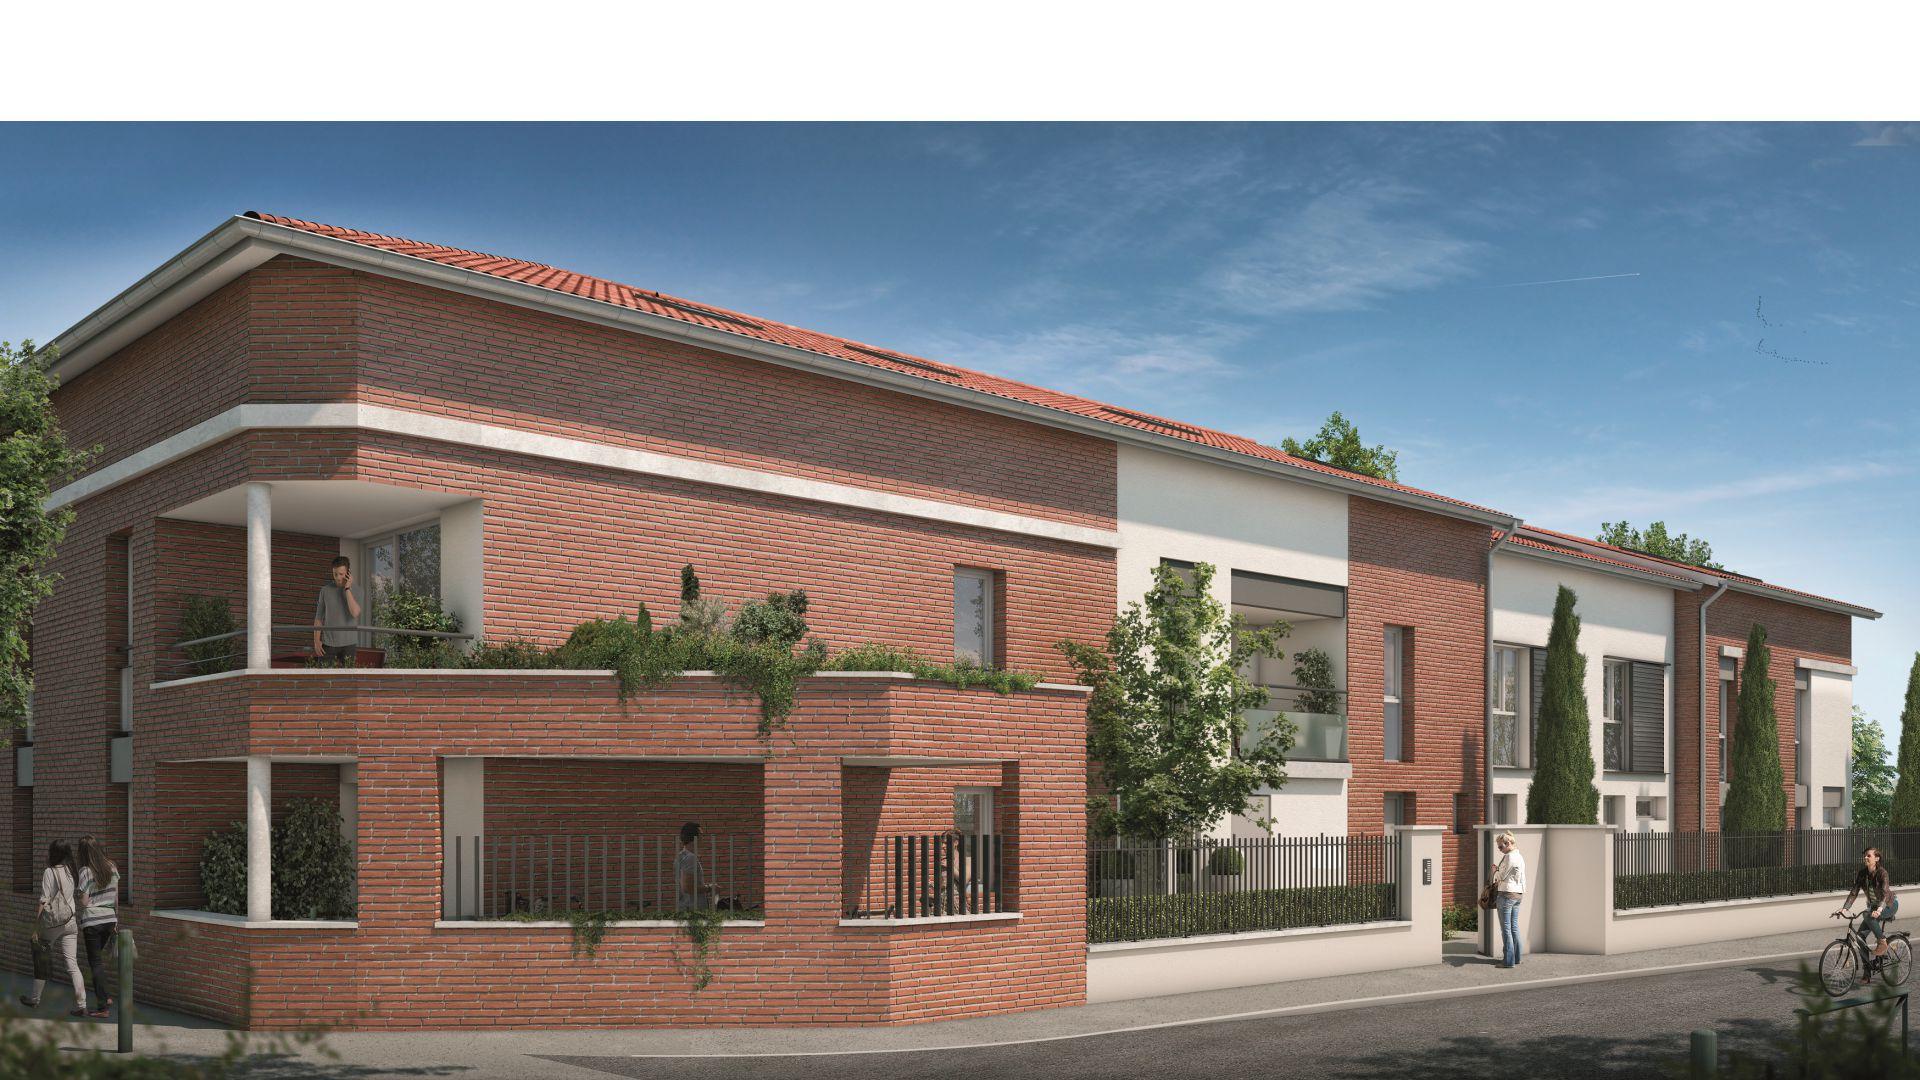 GreenCity immobilier - Toulouse Saint-Simon - 31100 - Résidence Tempo Verde - appartements neufs et villas neuves - vue rue